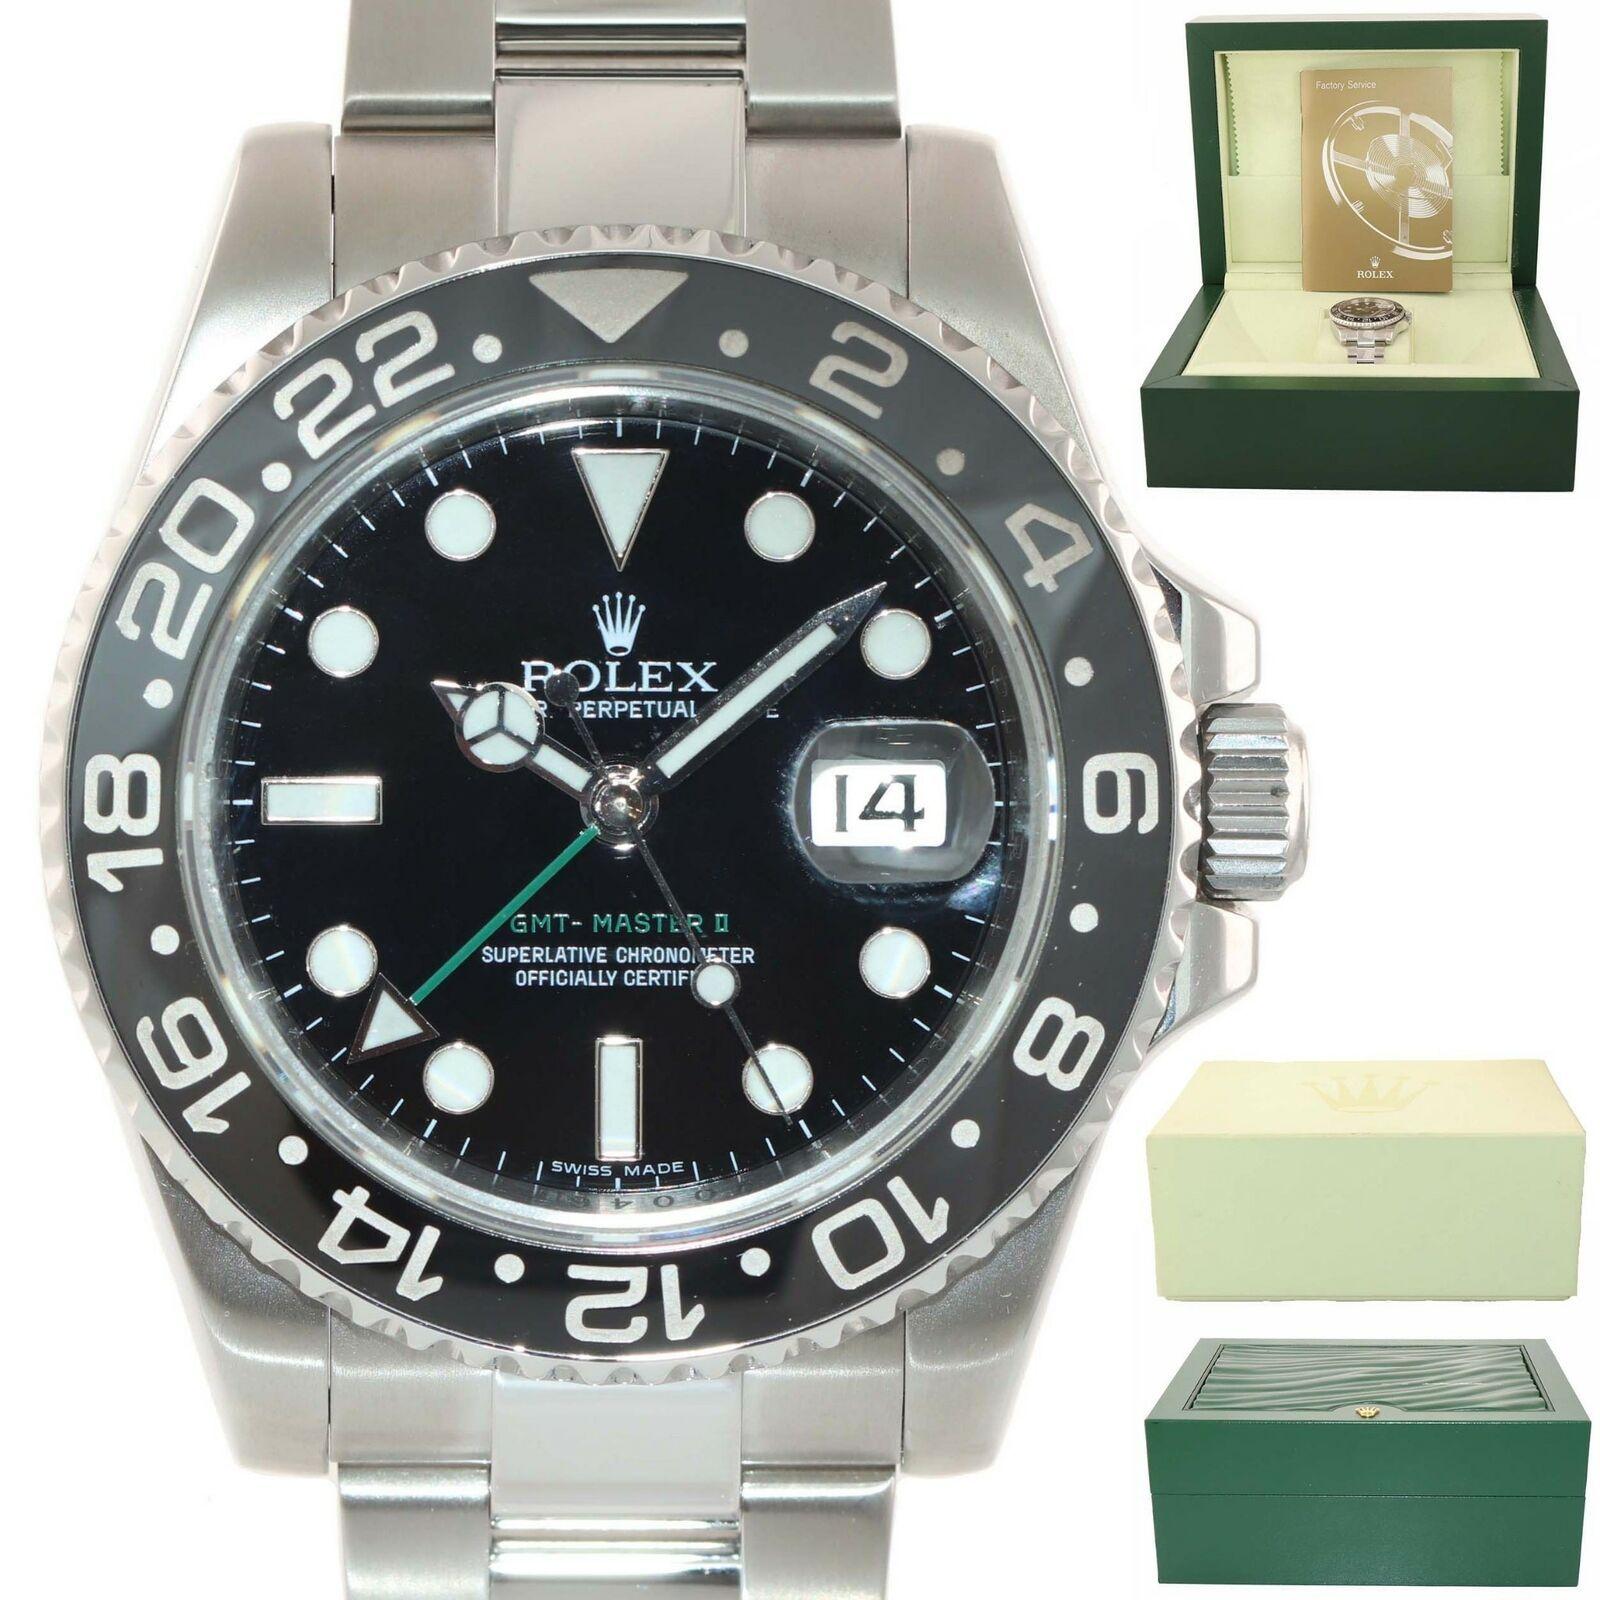 2018 Rolex GMT Master II 116710 LN Steel Ceramic Black 40mm Ceramic Watch Box  - Montre Rolex - idées de Montre Rolex #montrerolex #rolex #montre #rolexgmtmaster